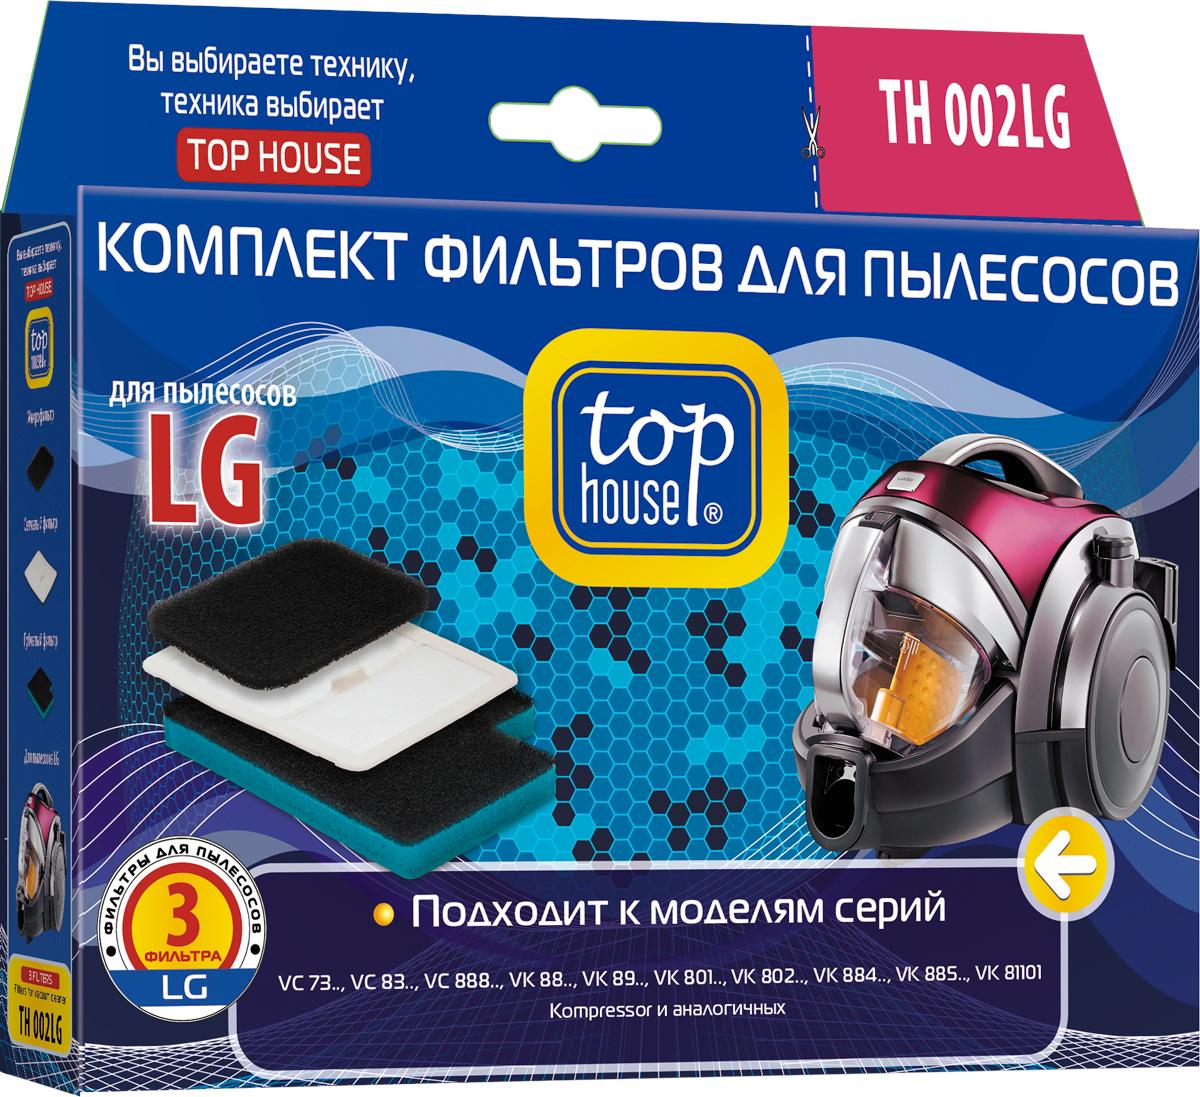 Top House TH 002LG комплект фильтров для пылесосов LG, 3 шт392807Top House TH 002LG комплект фильтров для пылесосов LG. Моющиеся фильтры TOP HOUSE задерживают микрочастицы пыли. Служат для защиты мотора и электронных схем пылесоса от мелкодисперсной пыли. Совместимые модели: LG: VK 73180, VK 73181, VK 73182, VK 73184, VK 73185, VK 73201, VK 73203, VK 83101, VK 83201, VK 83202, VK 83203, VK 83204, VK 88888, VK 8810, VK 8811, VK 8820, VK 8828, VK 8830, VK 88401, VK 88501, VK 88504, VK 89000, VK 89101, VK 89102, VK 89105, VK 89106, VK 79107, VK 89181, VK 89182, VK 89183, VK 89185, VK 89189, VK 89281, VK 89282, VK 89283, VK 89301, VK 89304, VK 89380, VK 89282, VK 89383, VK 89482, VK 89483, VK 89502, VK 89509, VK 80101, VK 80102, VK 80103, VK 80201, VK 88401, VK 88501, VK 88504, VK 81101.